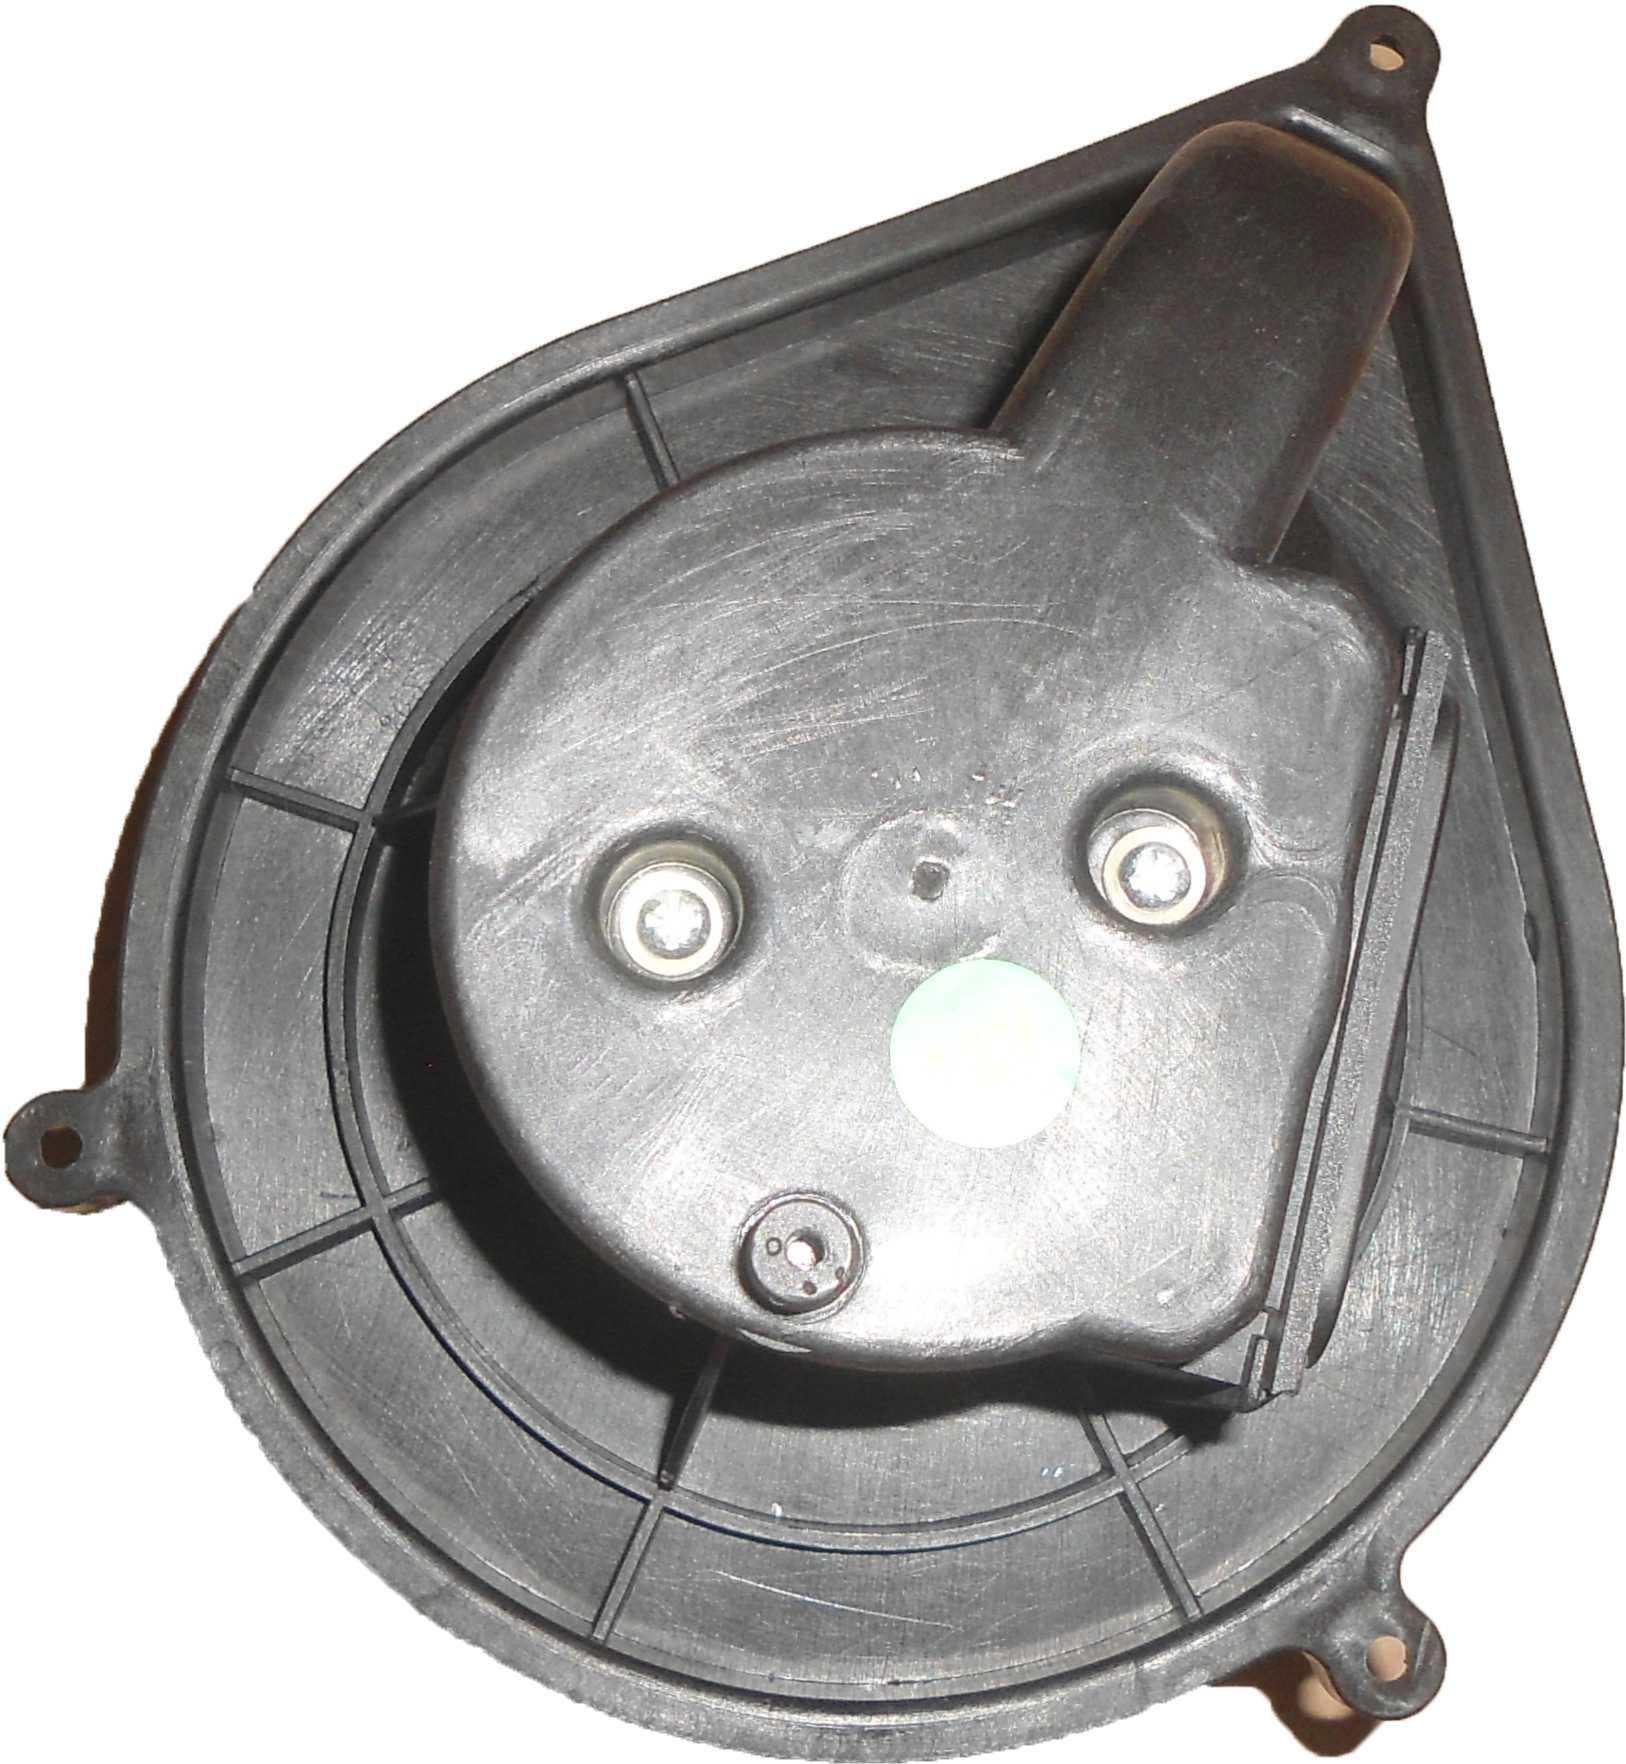 Motor Caixa Evaporadora - Ducato 06/Jumper/Boxer